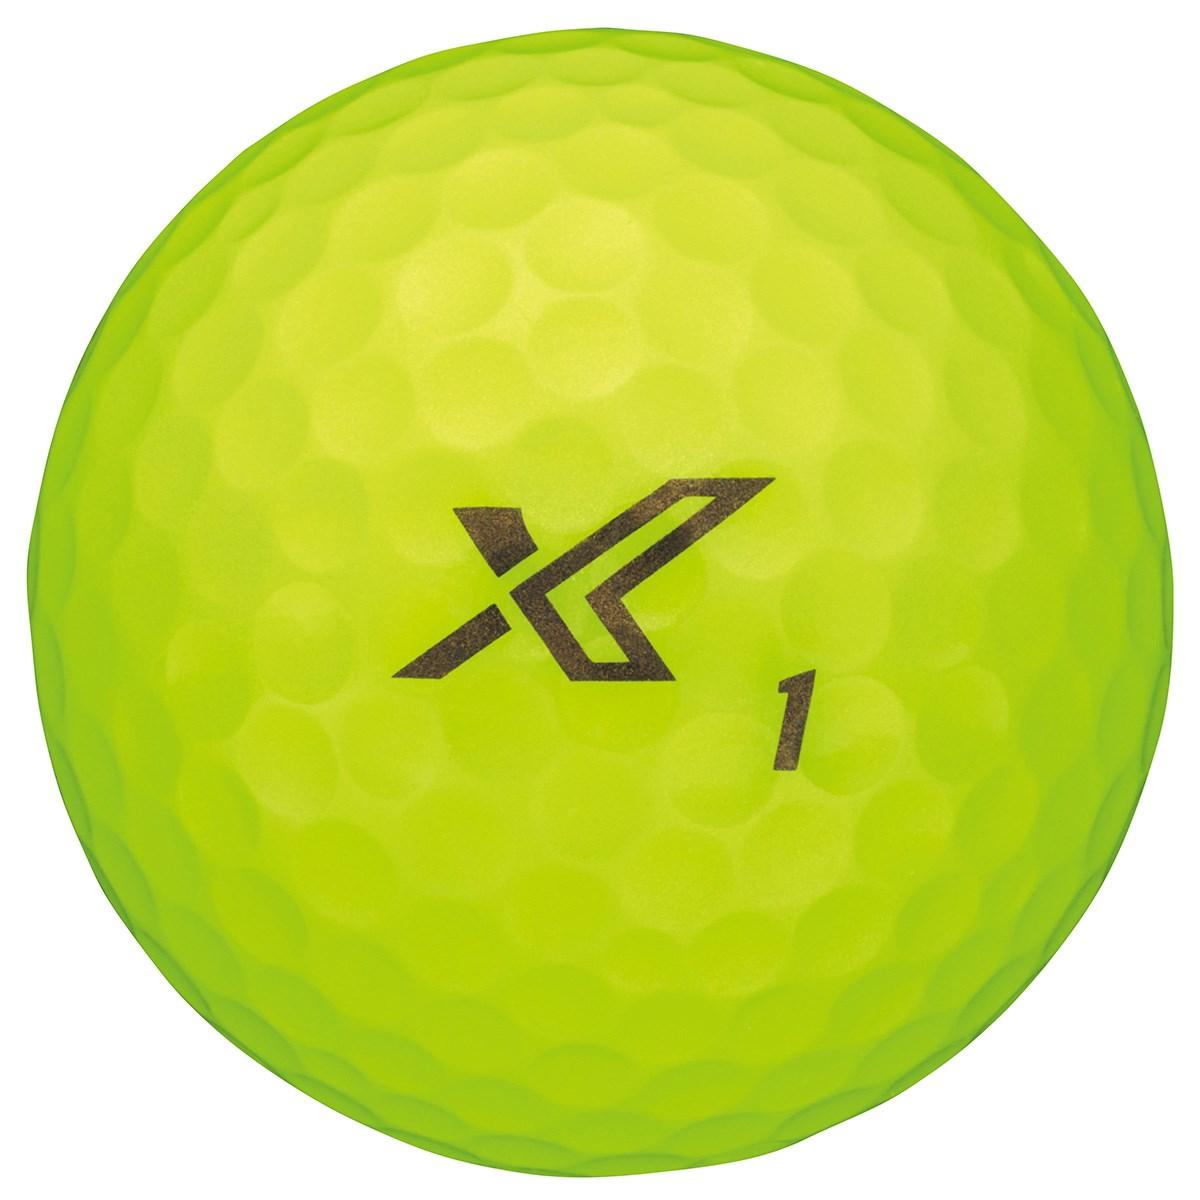 ダンロップ XXIO ゼクシオ エックス ボール 1ダース(12個入り) イエロー